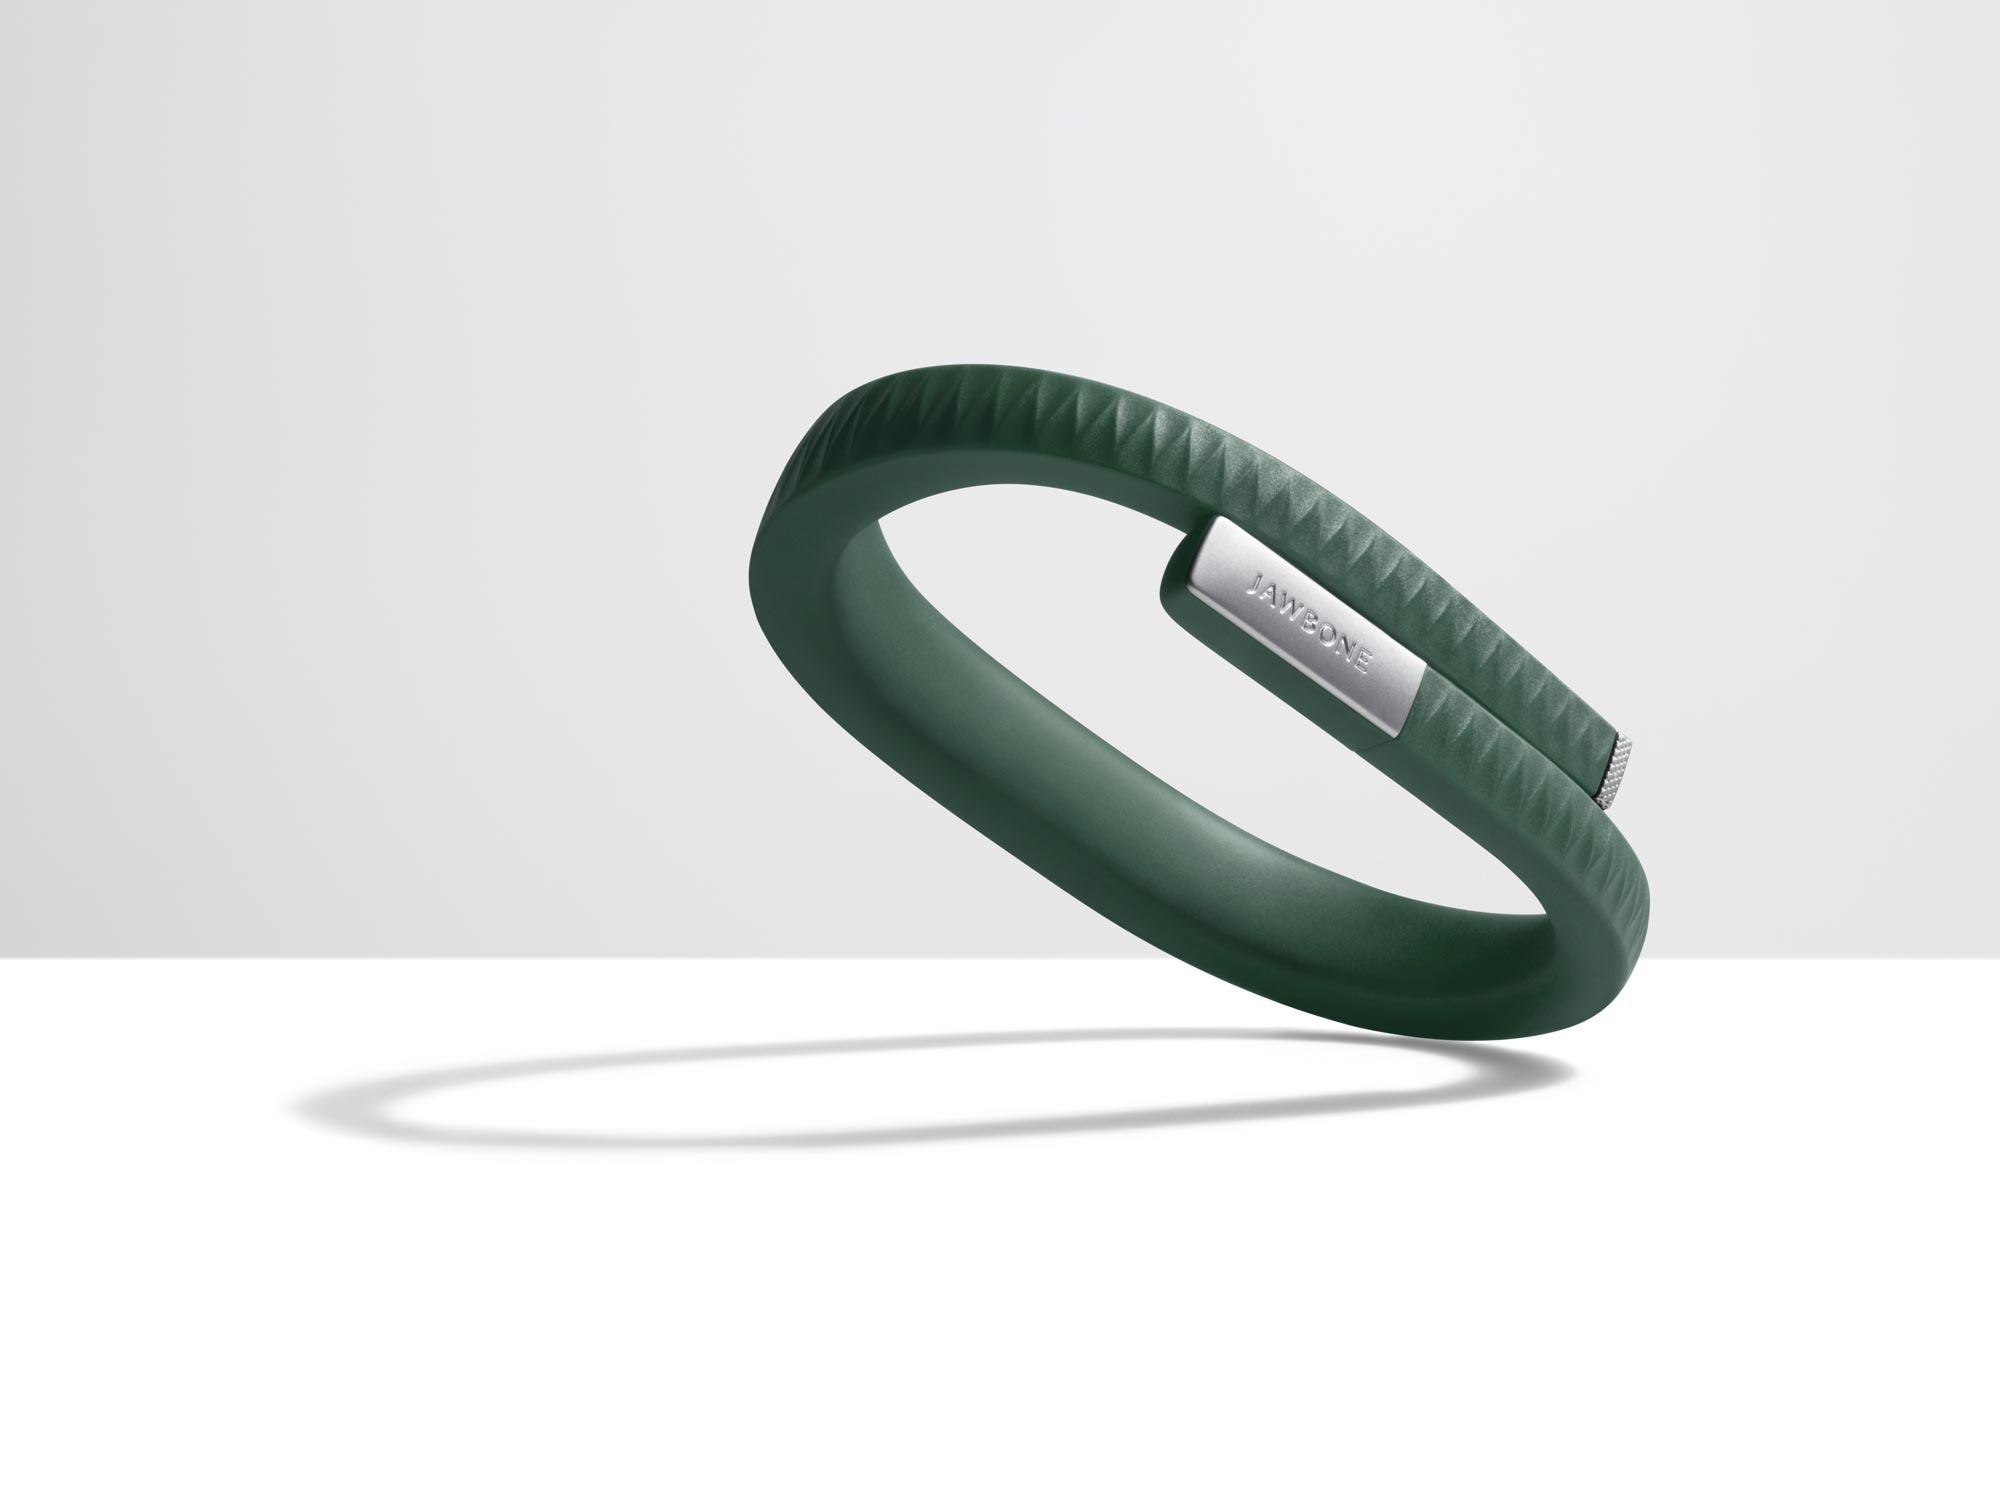 Le bracelet capteur d'activité Jawbone UP.